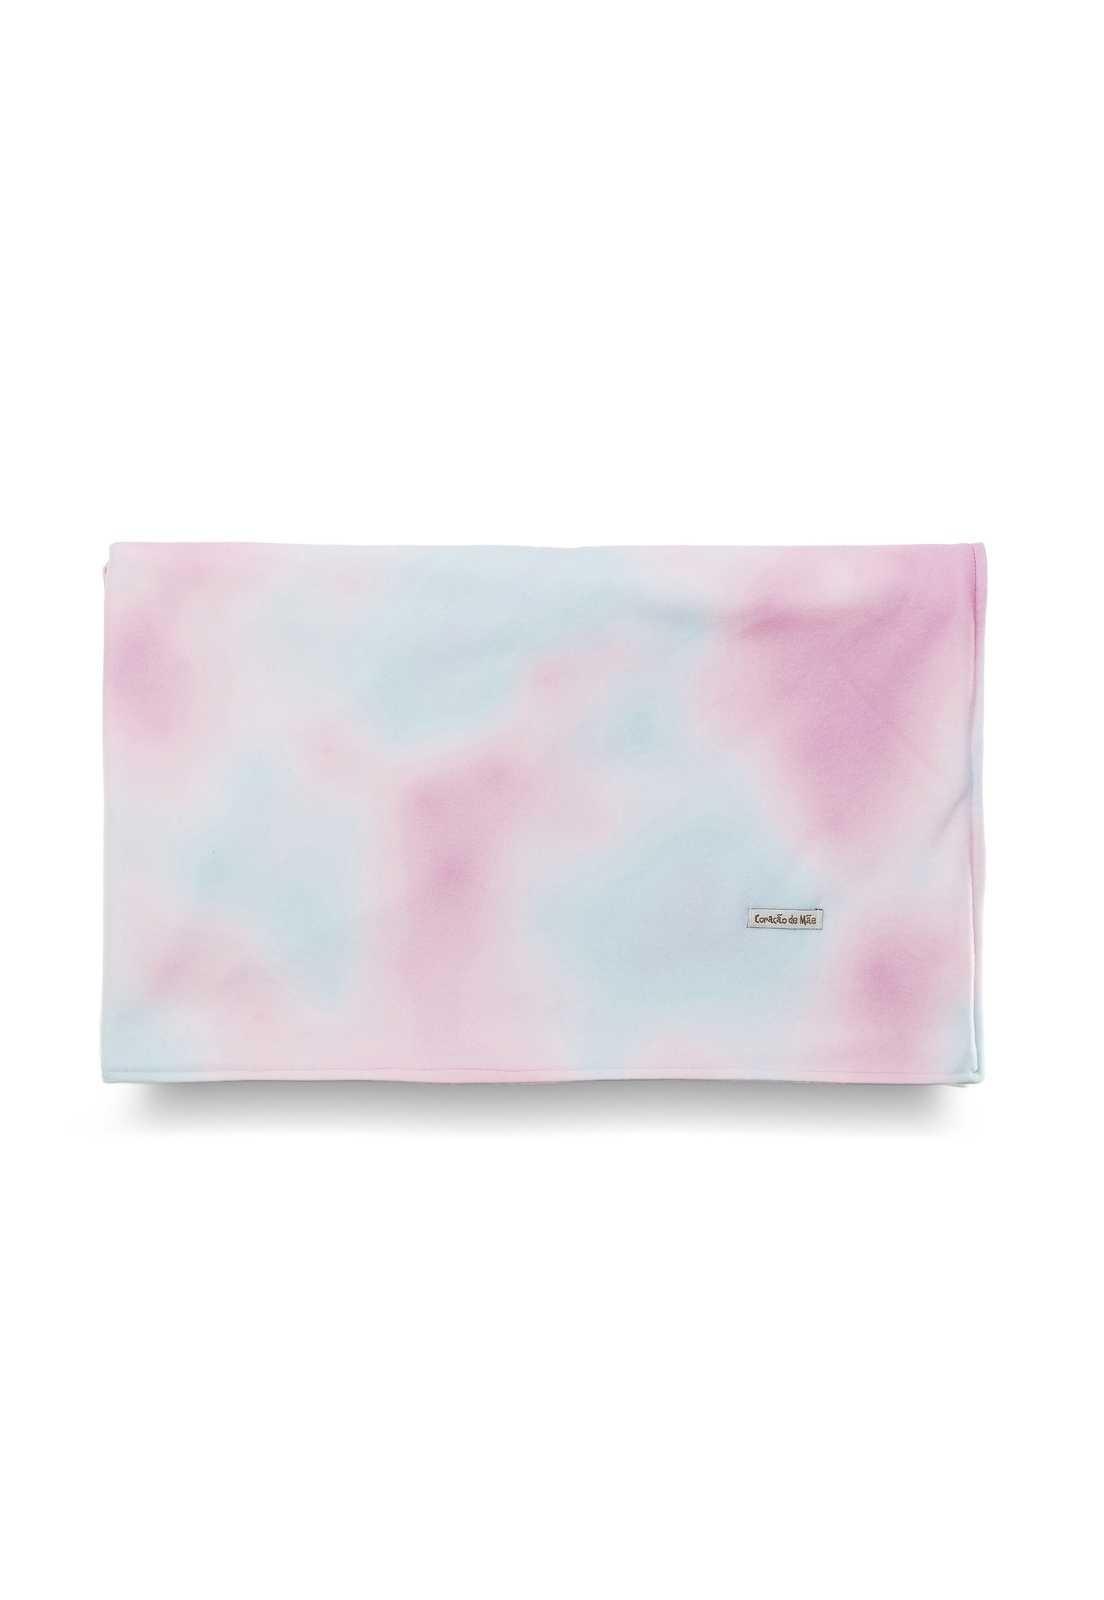 Manta Tie-dye - Rosa e Azul